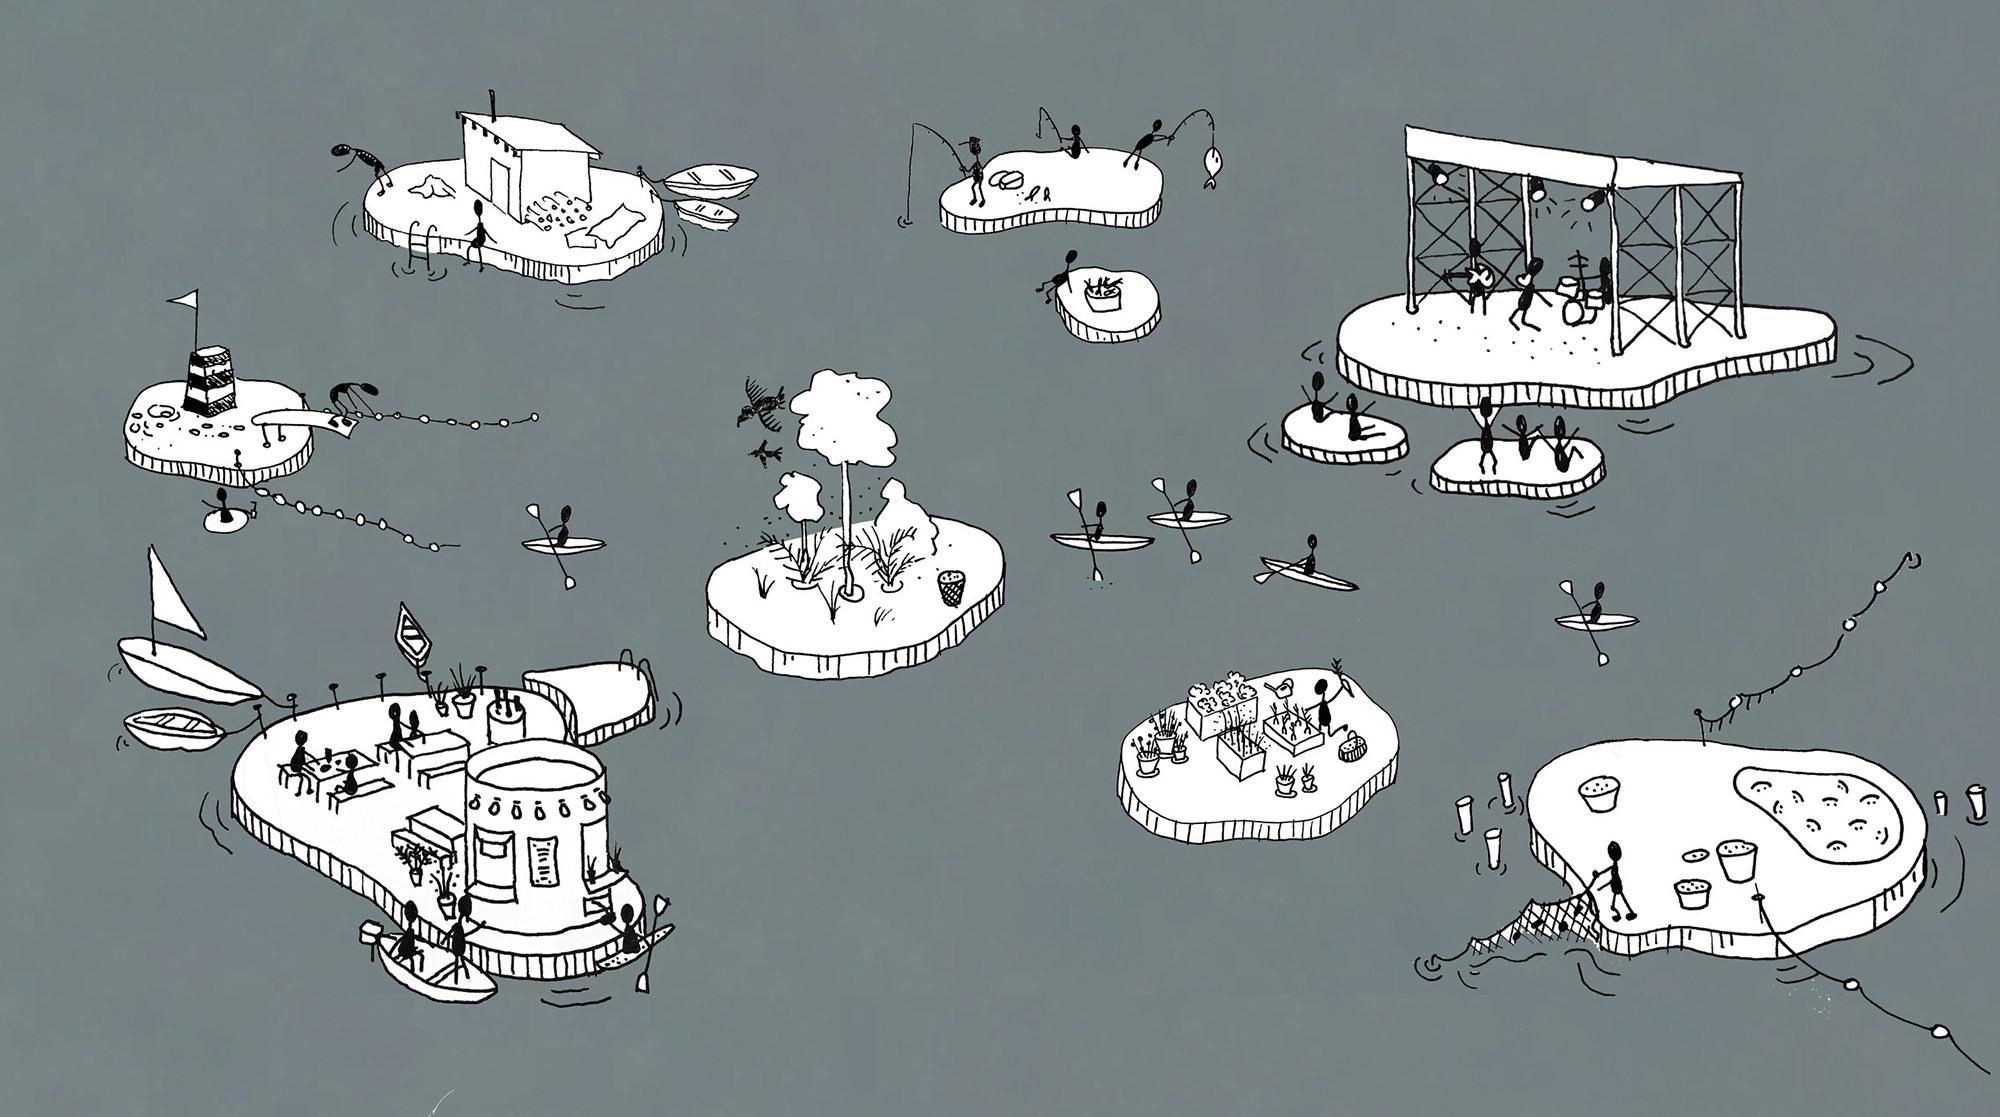 Insel-Konzept vor Kopenhagen wächst